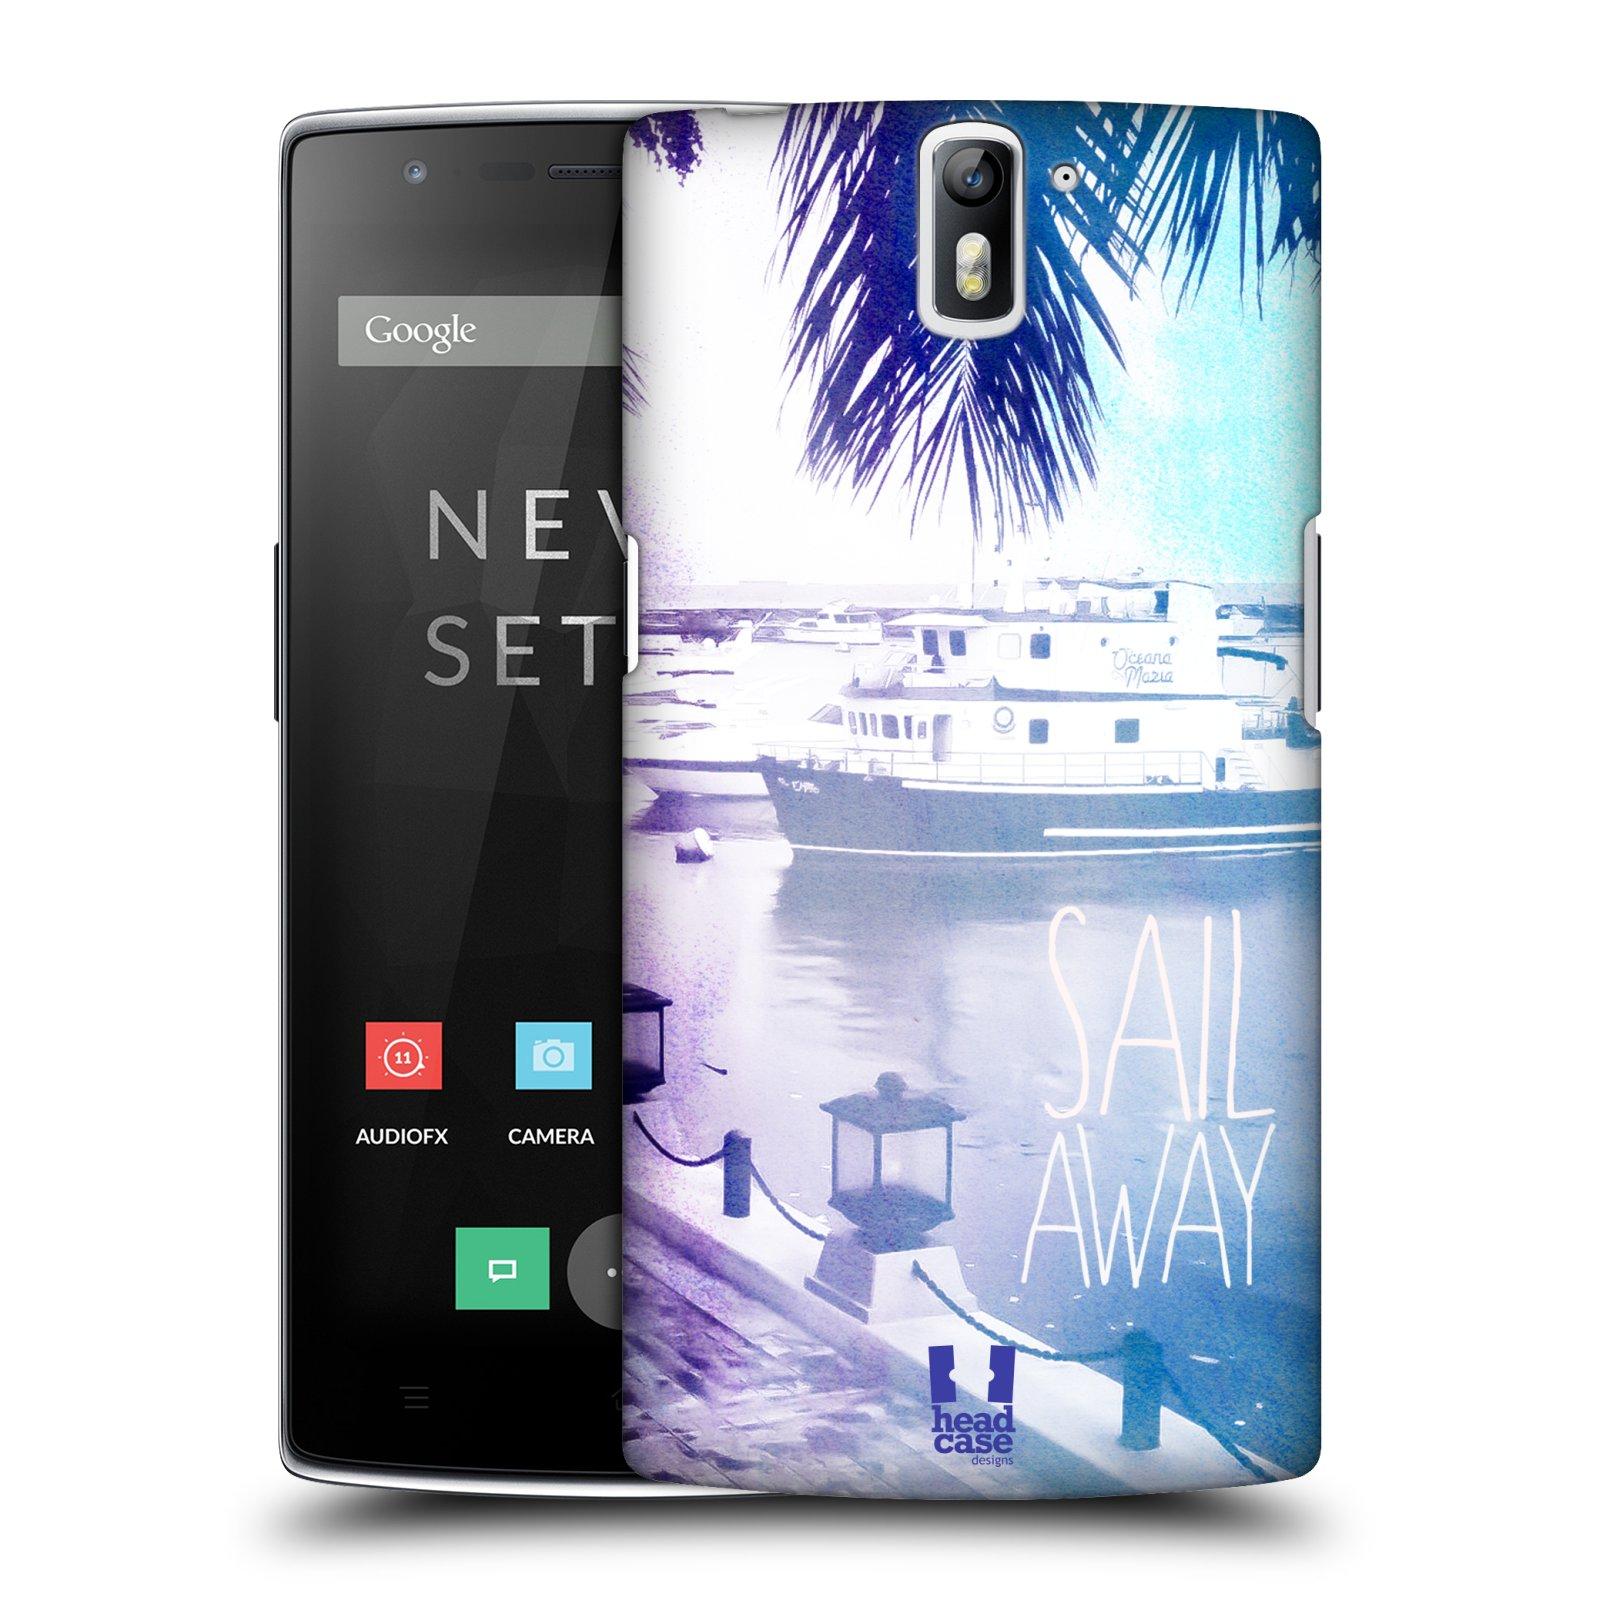 HEAD CASE pevný plastový obal na mobil OnePlus ONE vzor Pozitivní vlny MODRÁ, přístav s loděmi SAIL AWAY